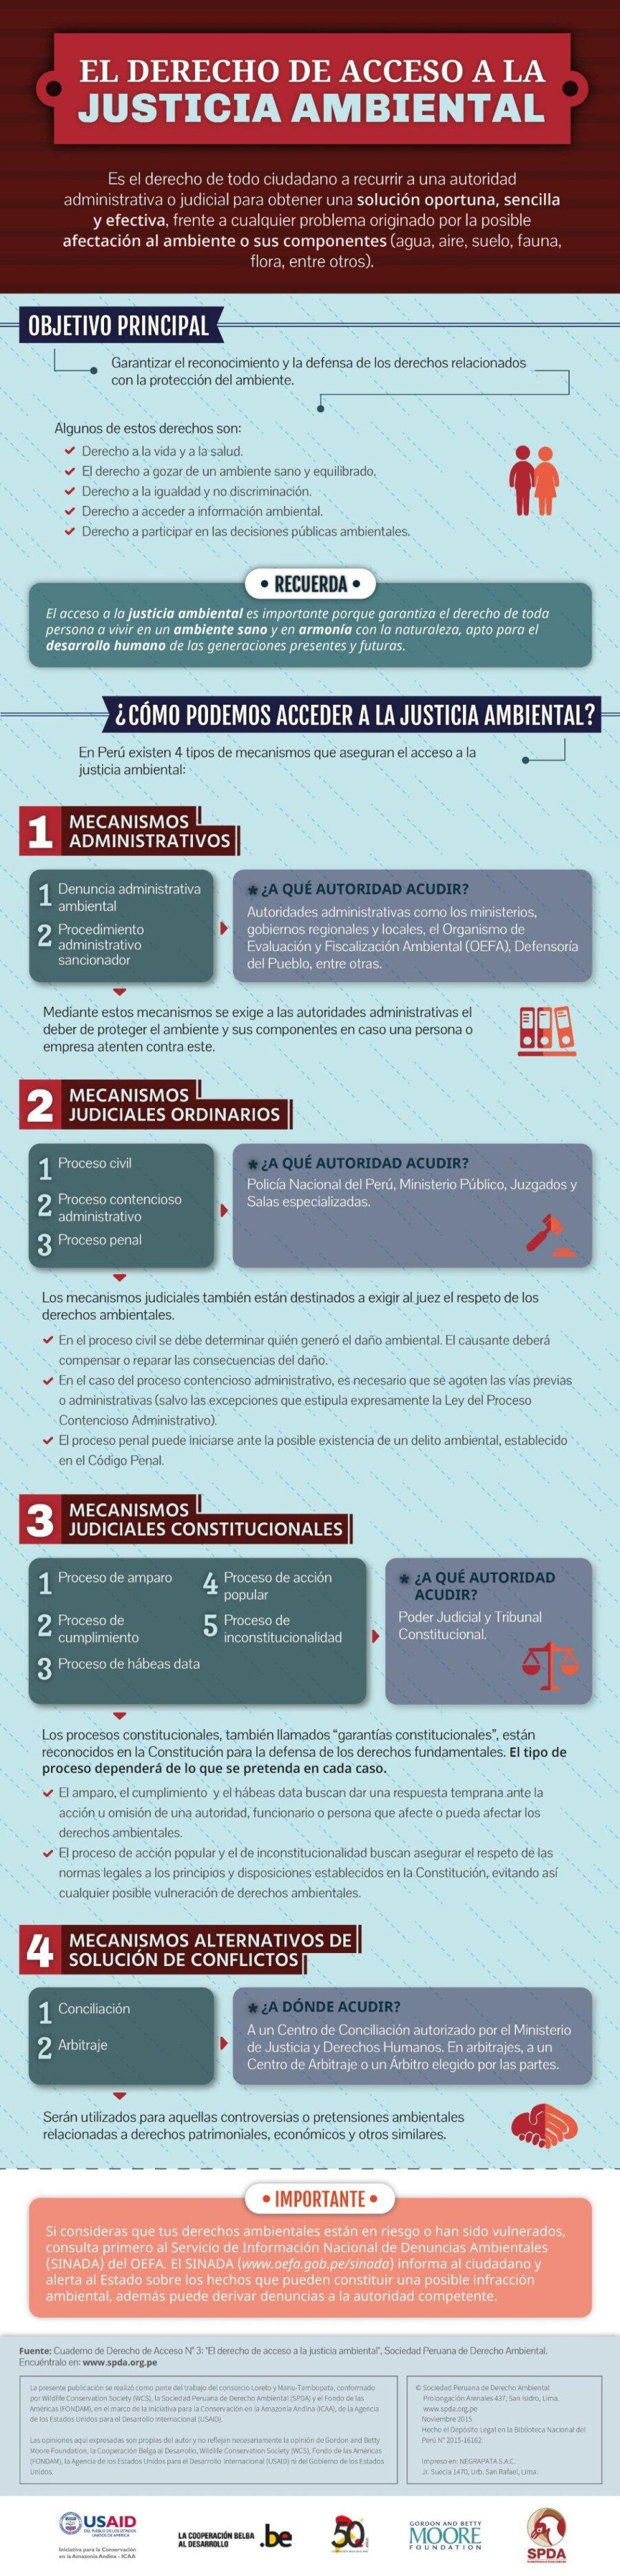 Justicia Ambiental infografía